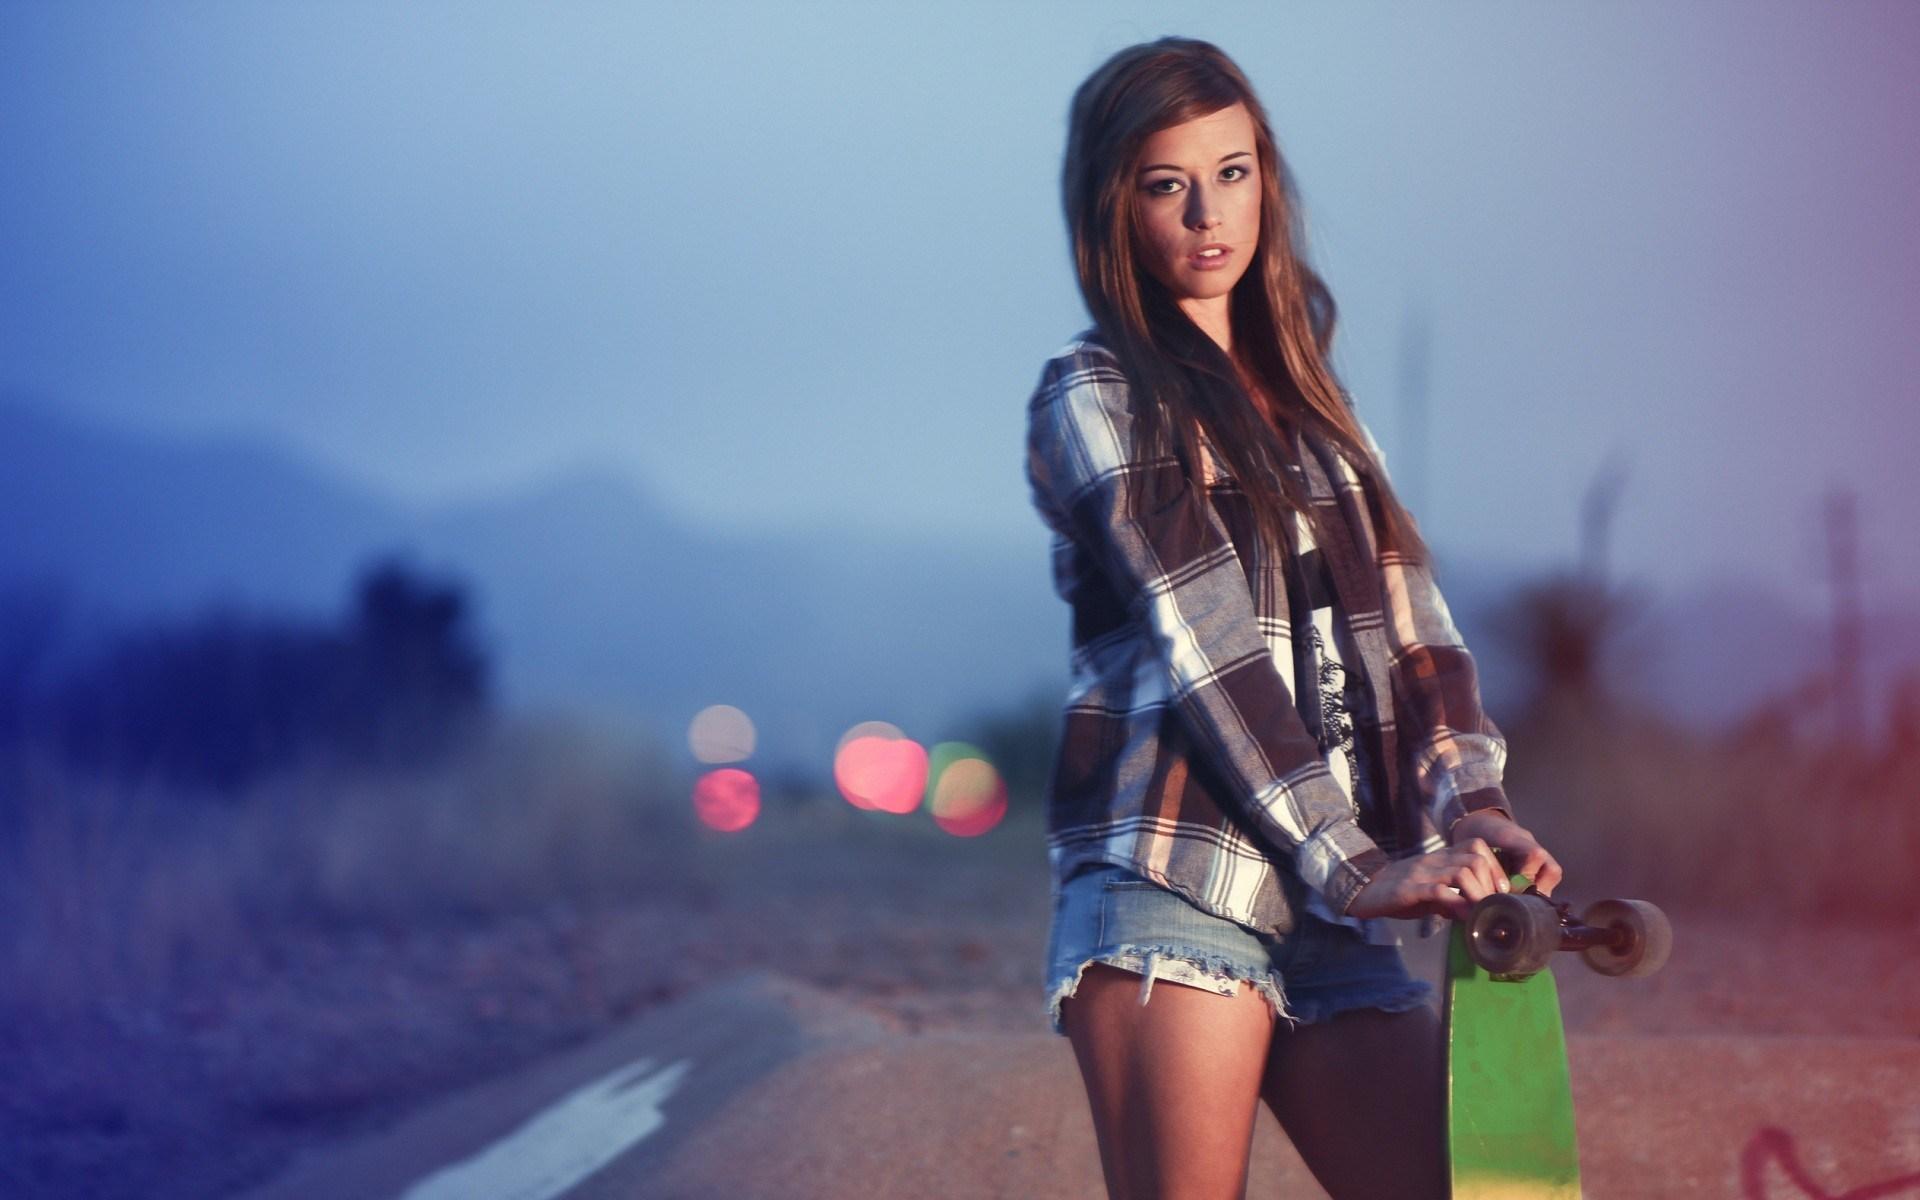 Girl Skateboarding Wallpaper Jpg 5244 skateboarder girl ... src